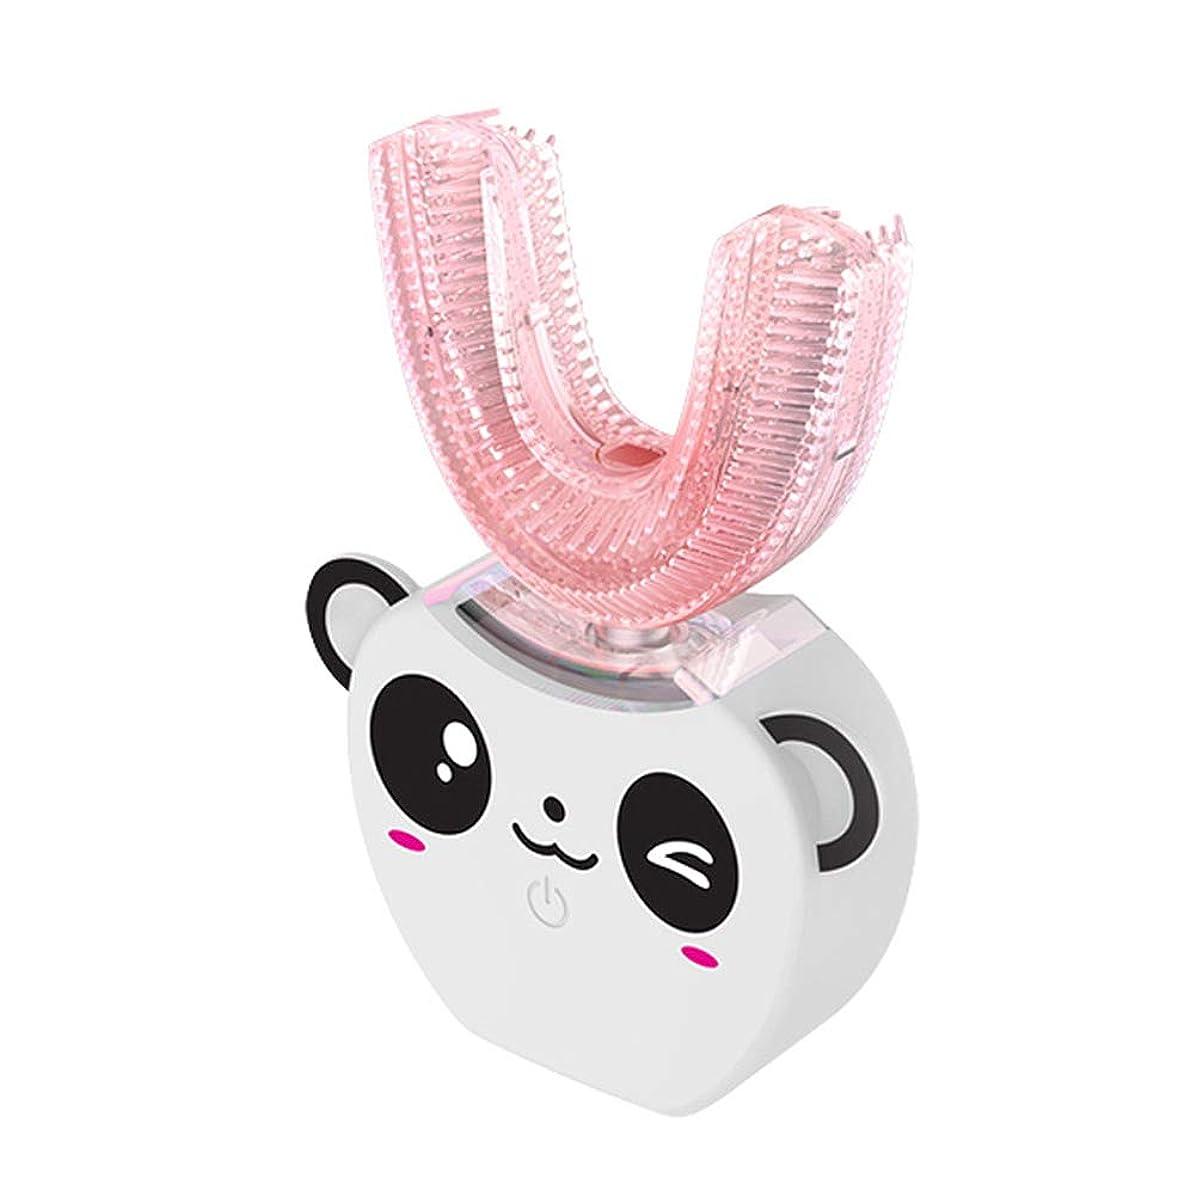 クレデンシャルギャングスター六月子供のU字型超音波電動歯ブラシ子供自動歯磨き粉360°歯ホワイトニング8-16年